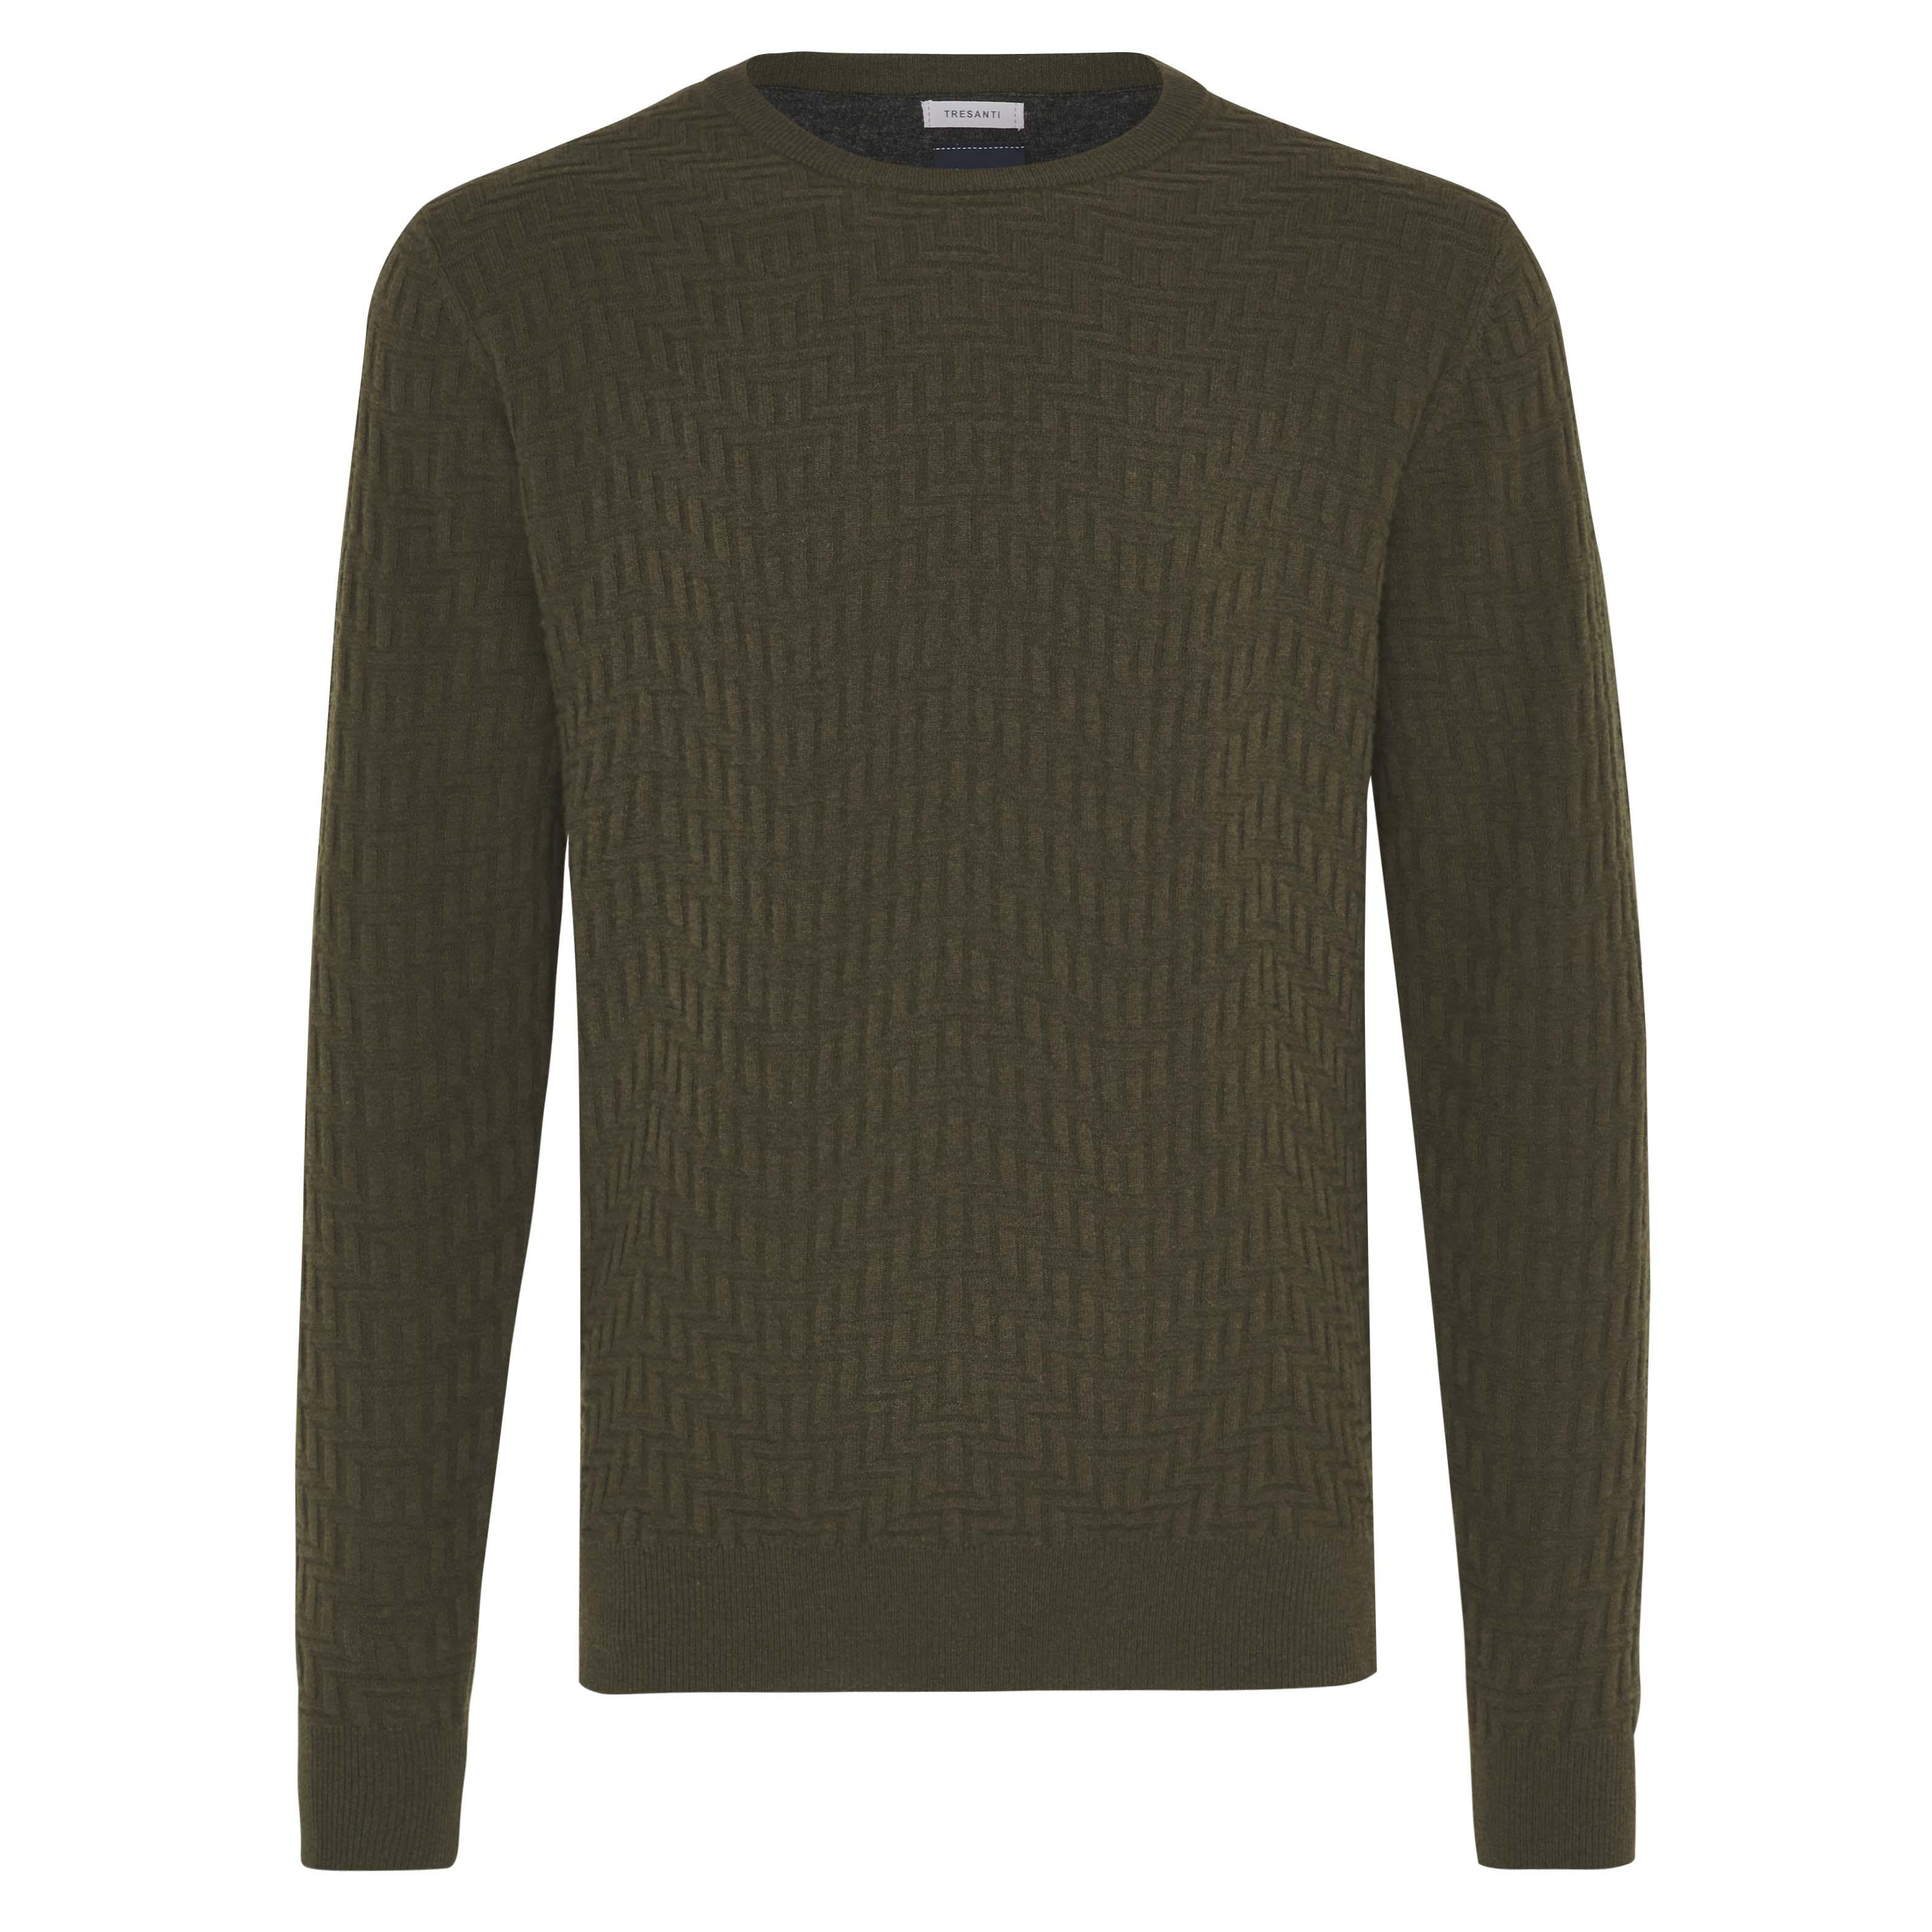 Jax | Pullover zizag dark green